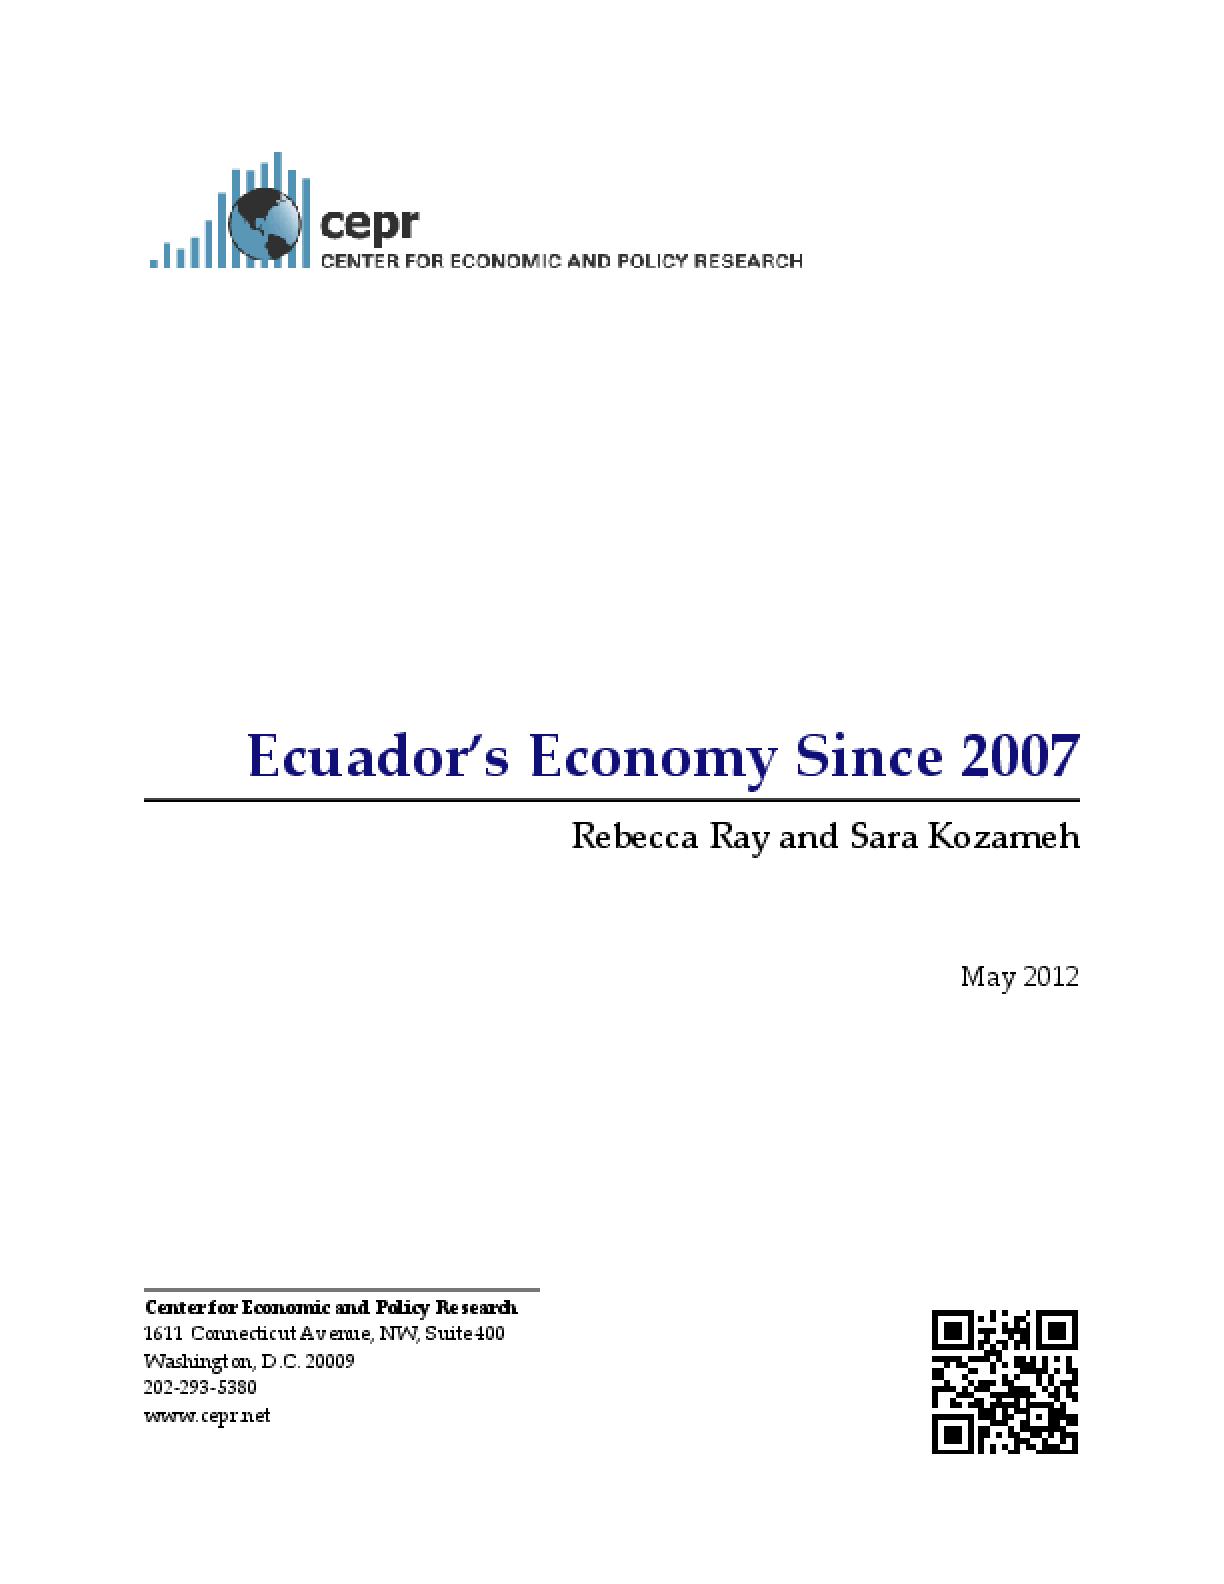 Ecuador's Economy Since 2007